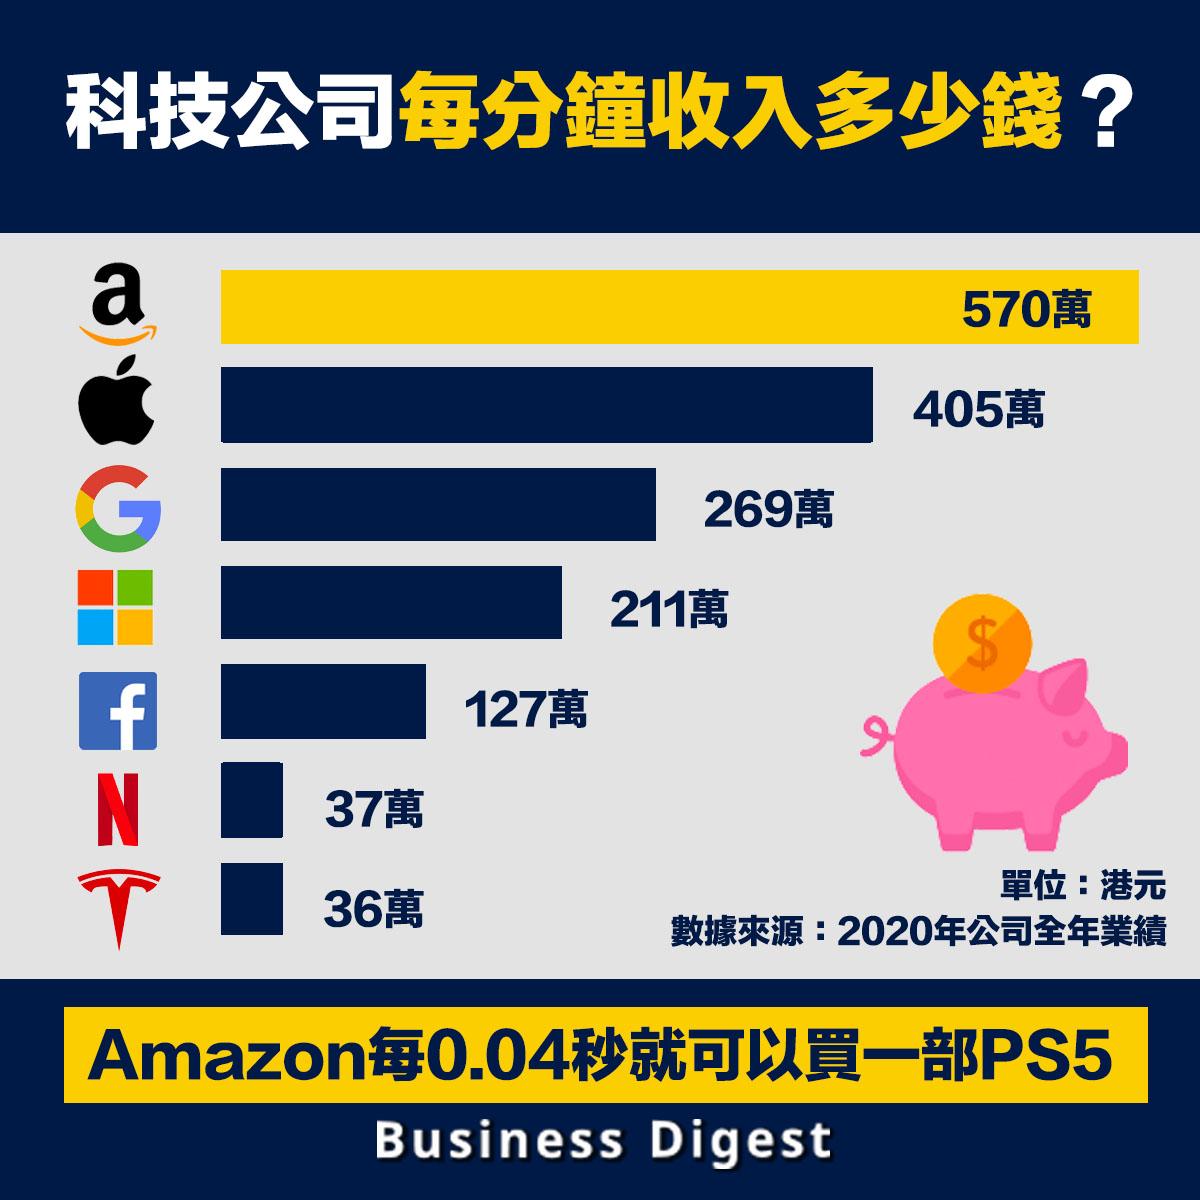 科技公司每分鐘收入多少錢?